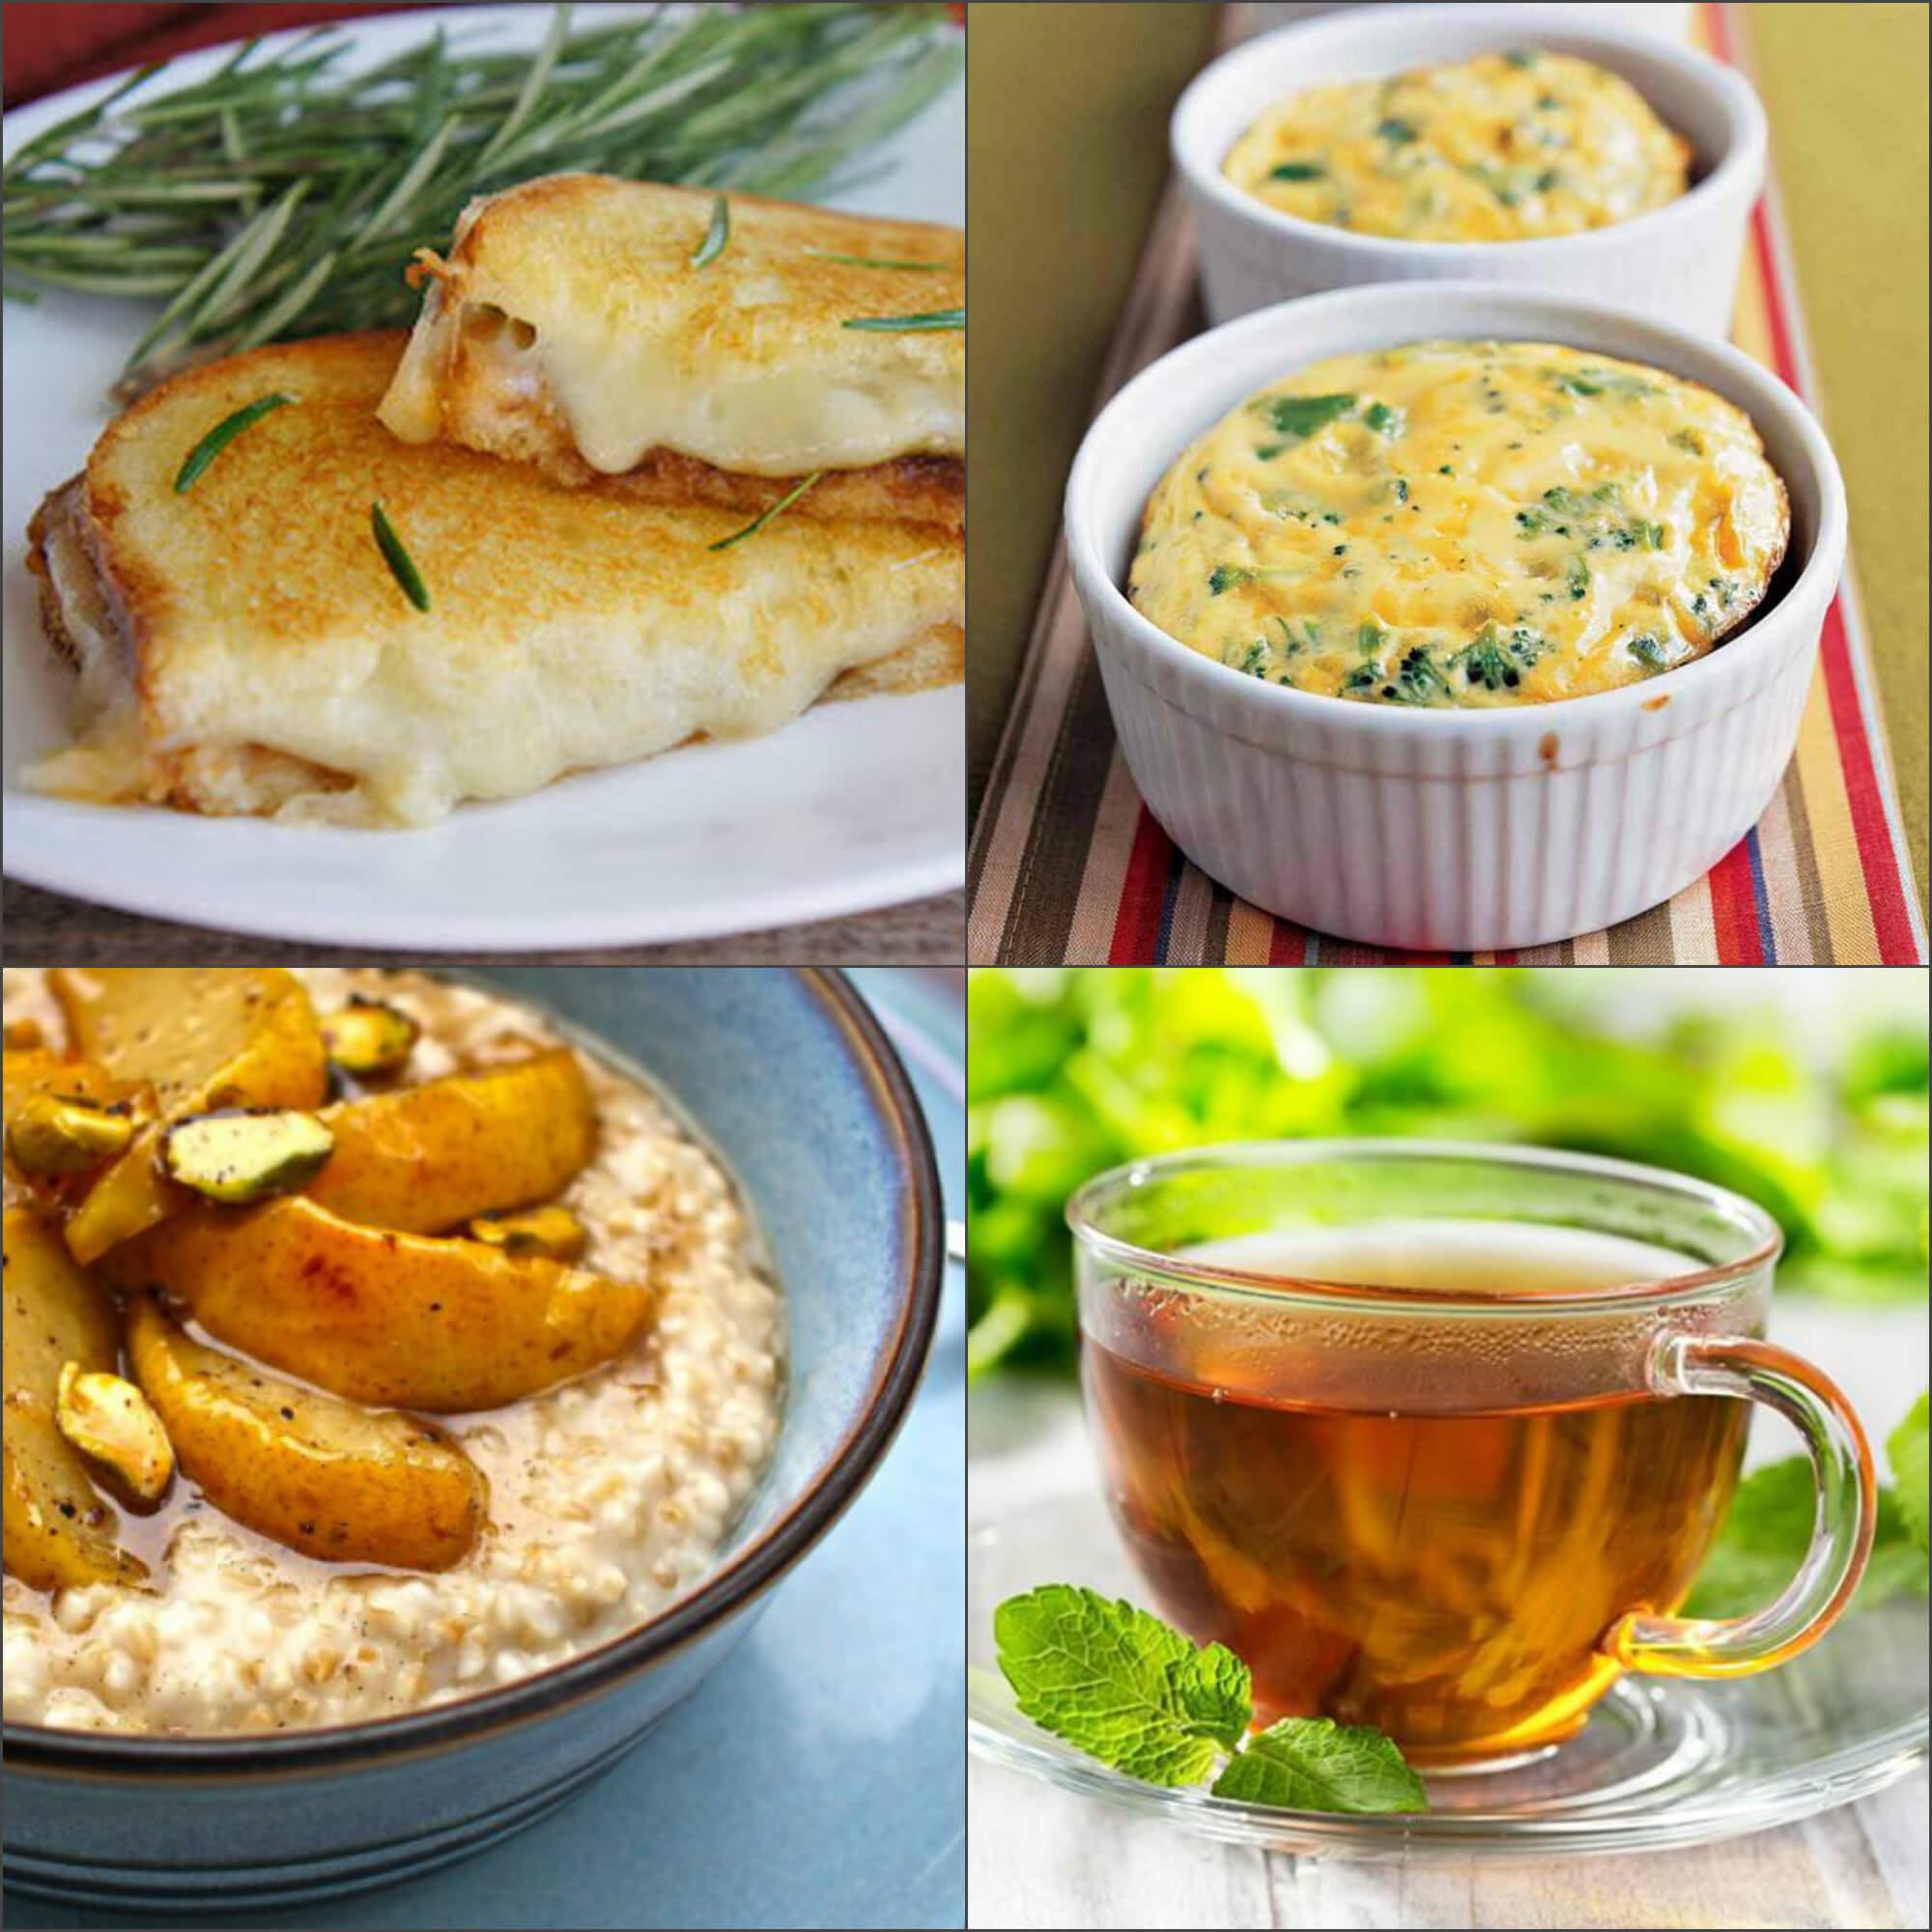 Какие Блюда Приготовить По Диете 5. Диета 5 стол: вкусные рецепты блюд для пятого стола